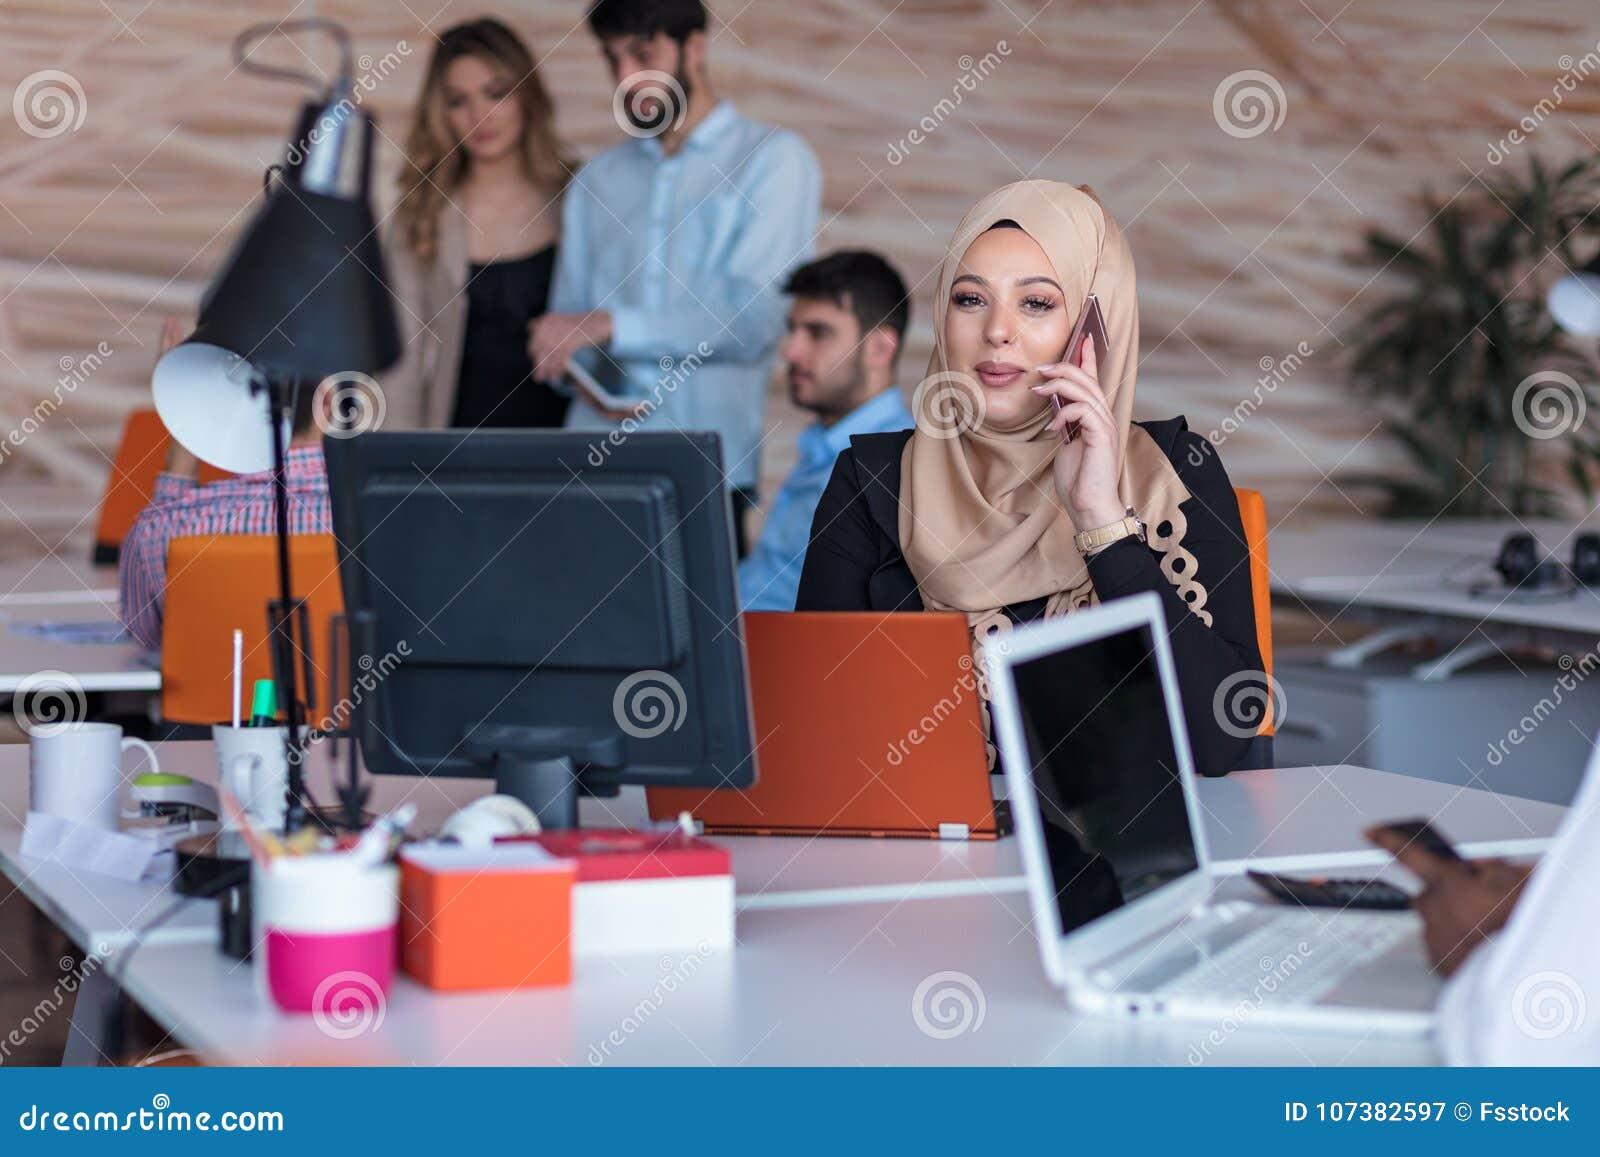 Bureau d étude en arabe moucharabiehs de l institut du monde